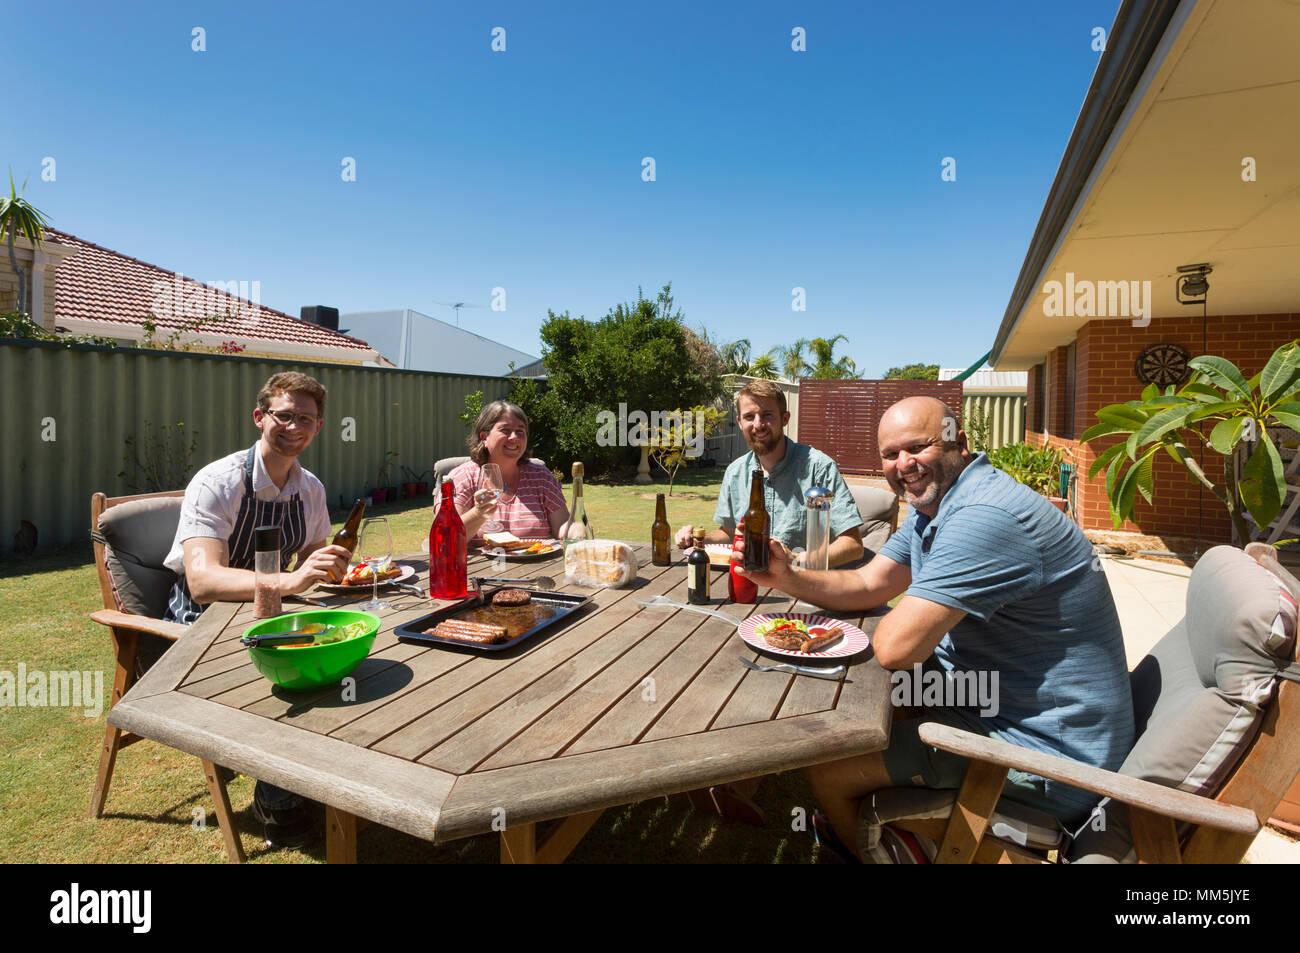 Un gruppo di persone mangiare all'aperto con barbecue cibo. Immagini Stock